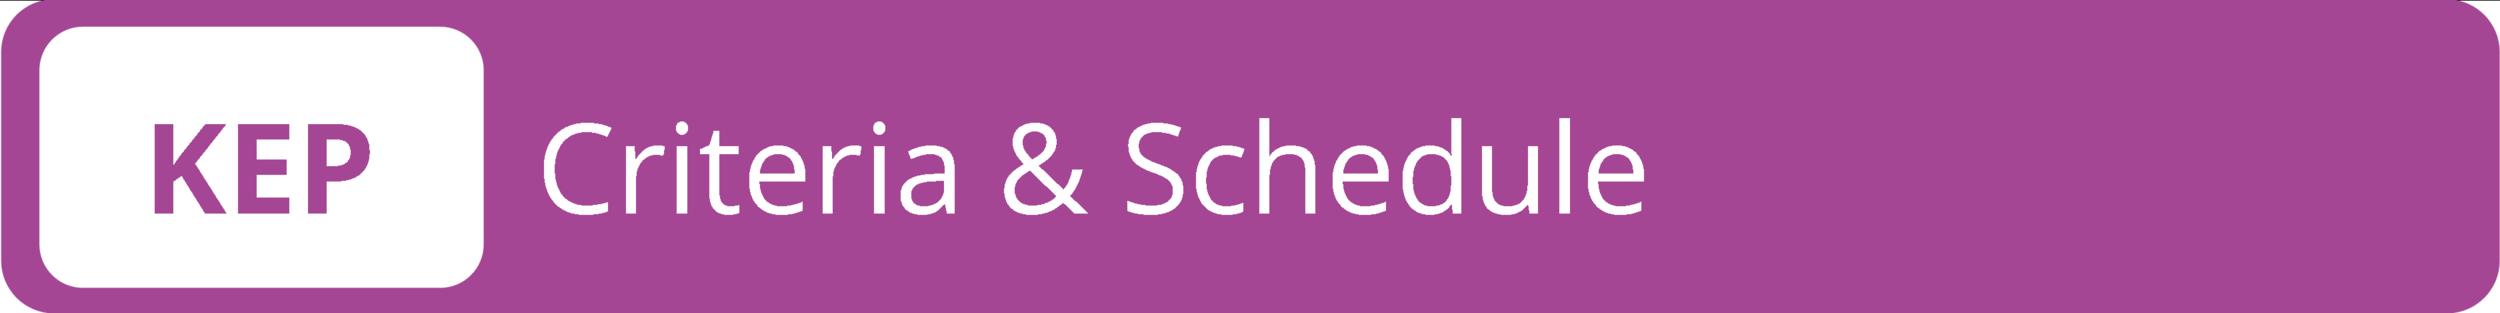 KEP_Criteria&Schedule.jpg